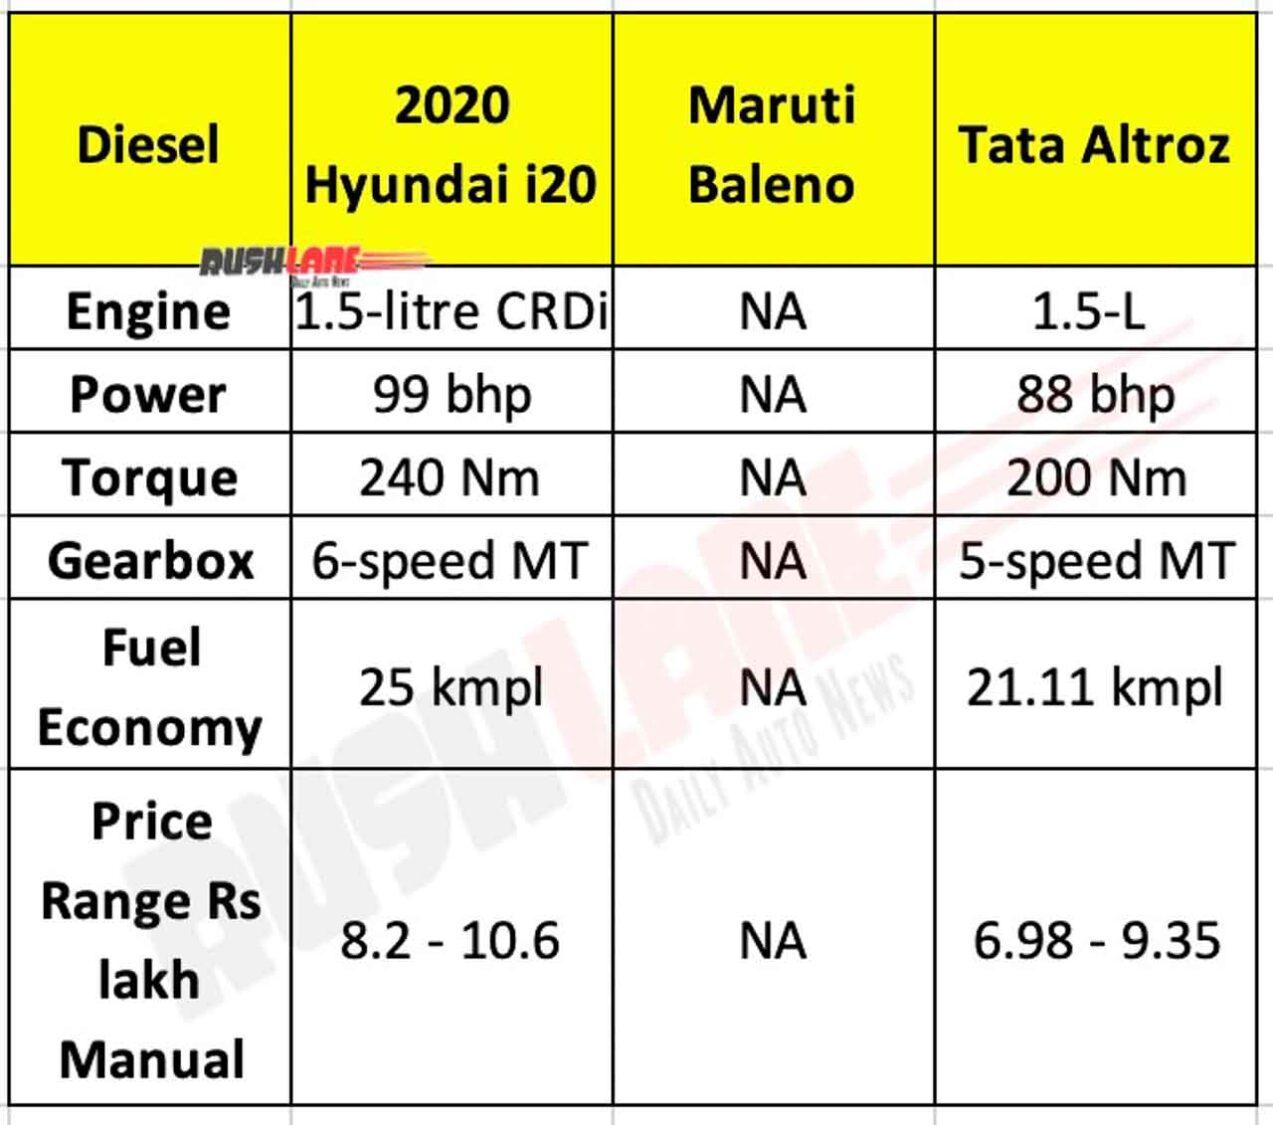 2020 Hyundai i20 Diesel vs Baleno vs Altroz